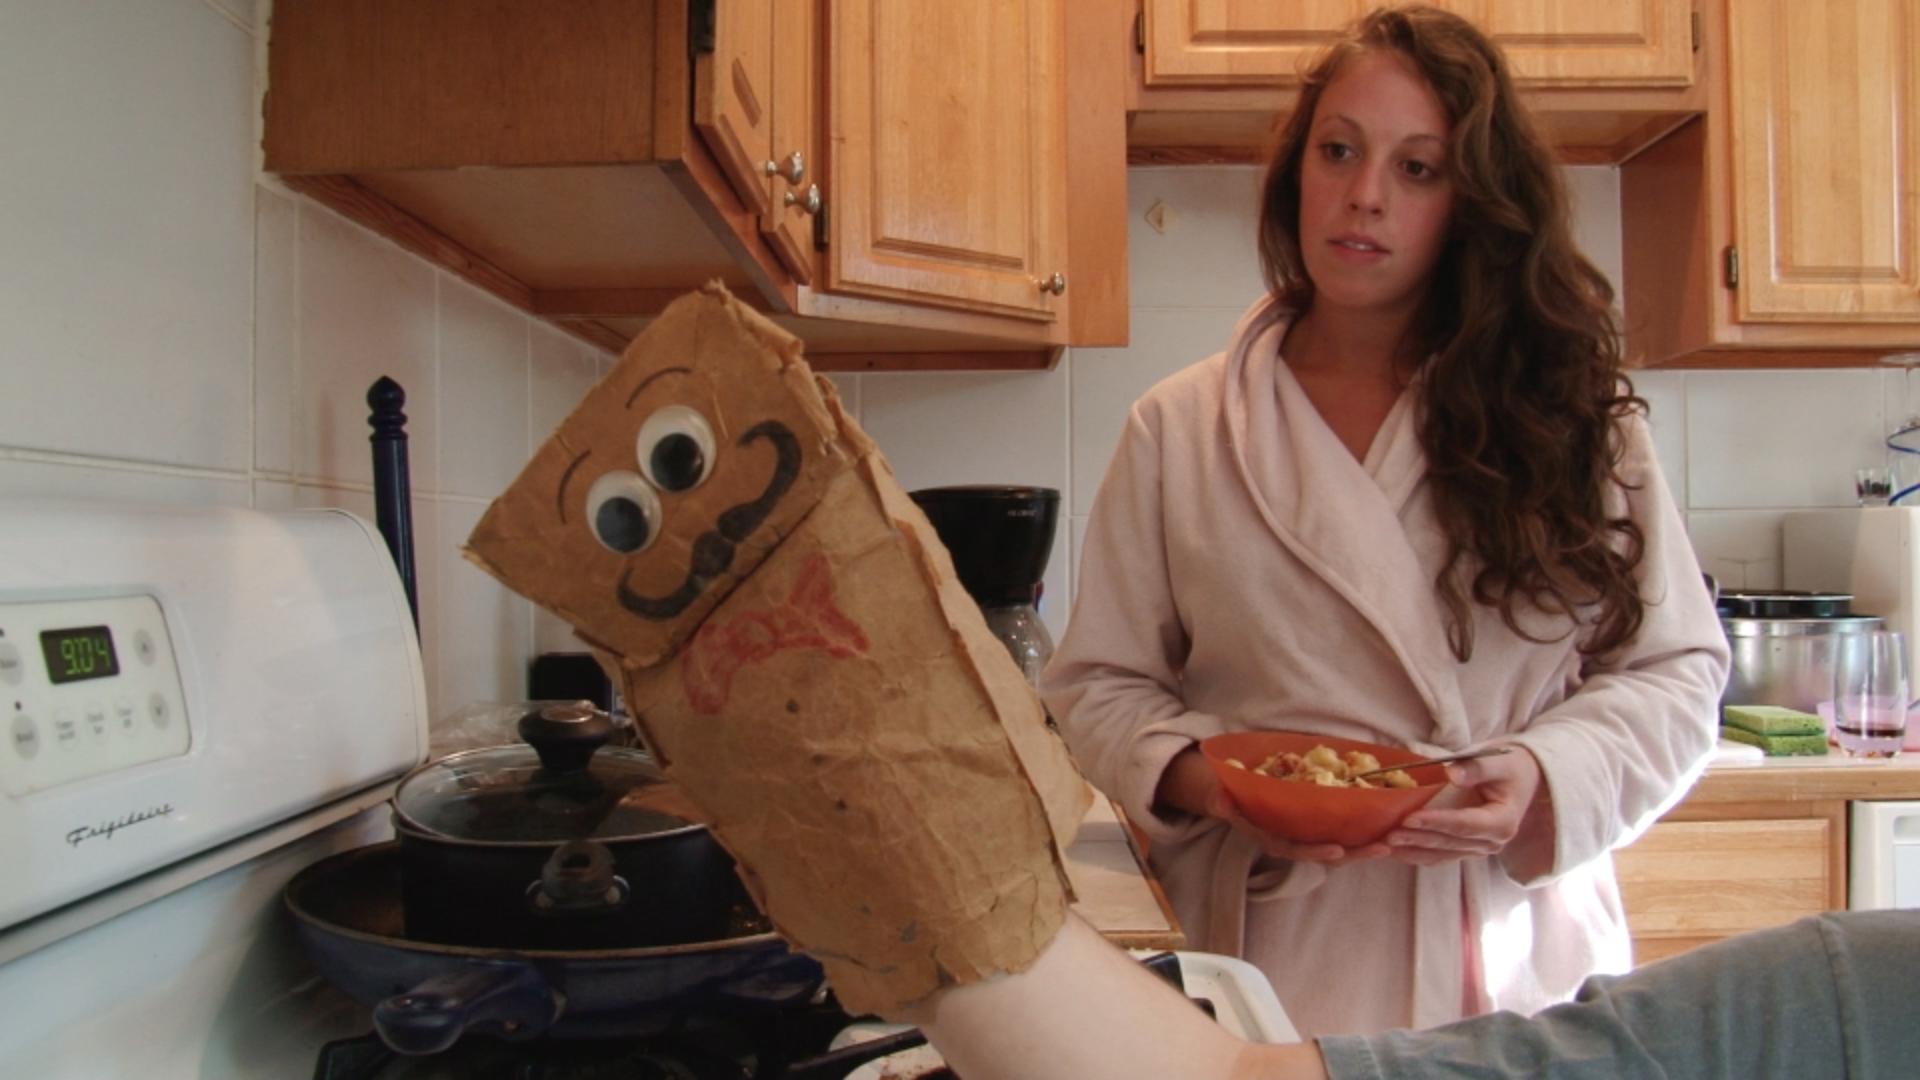 Vaschel and his girlfriend argue over breakfast